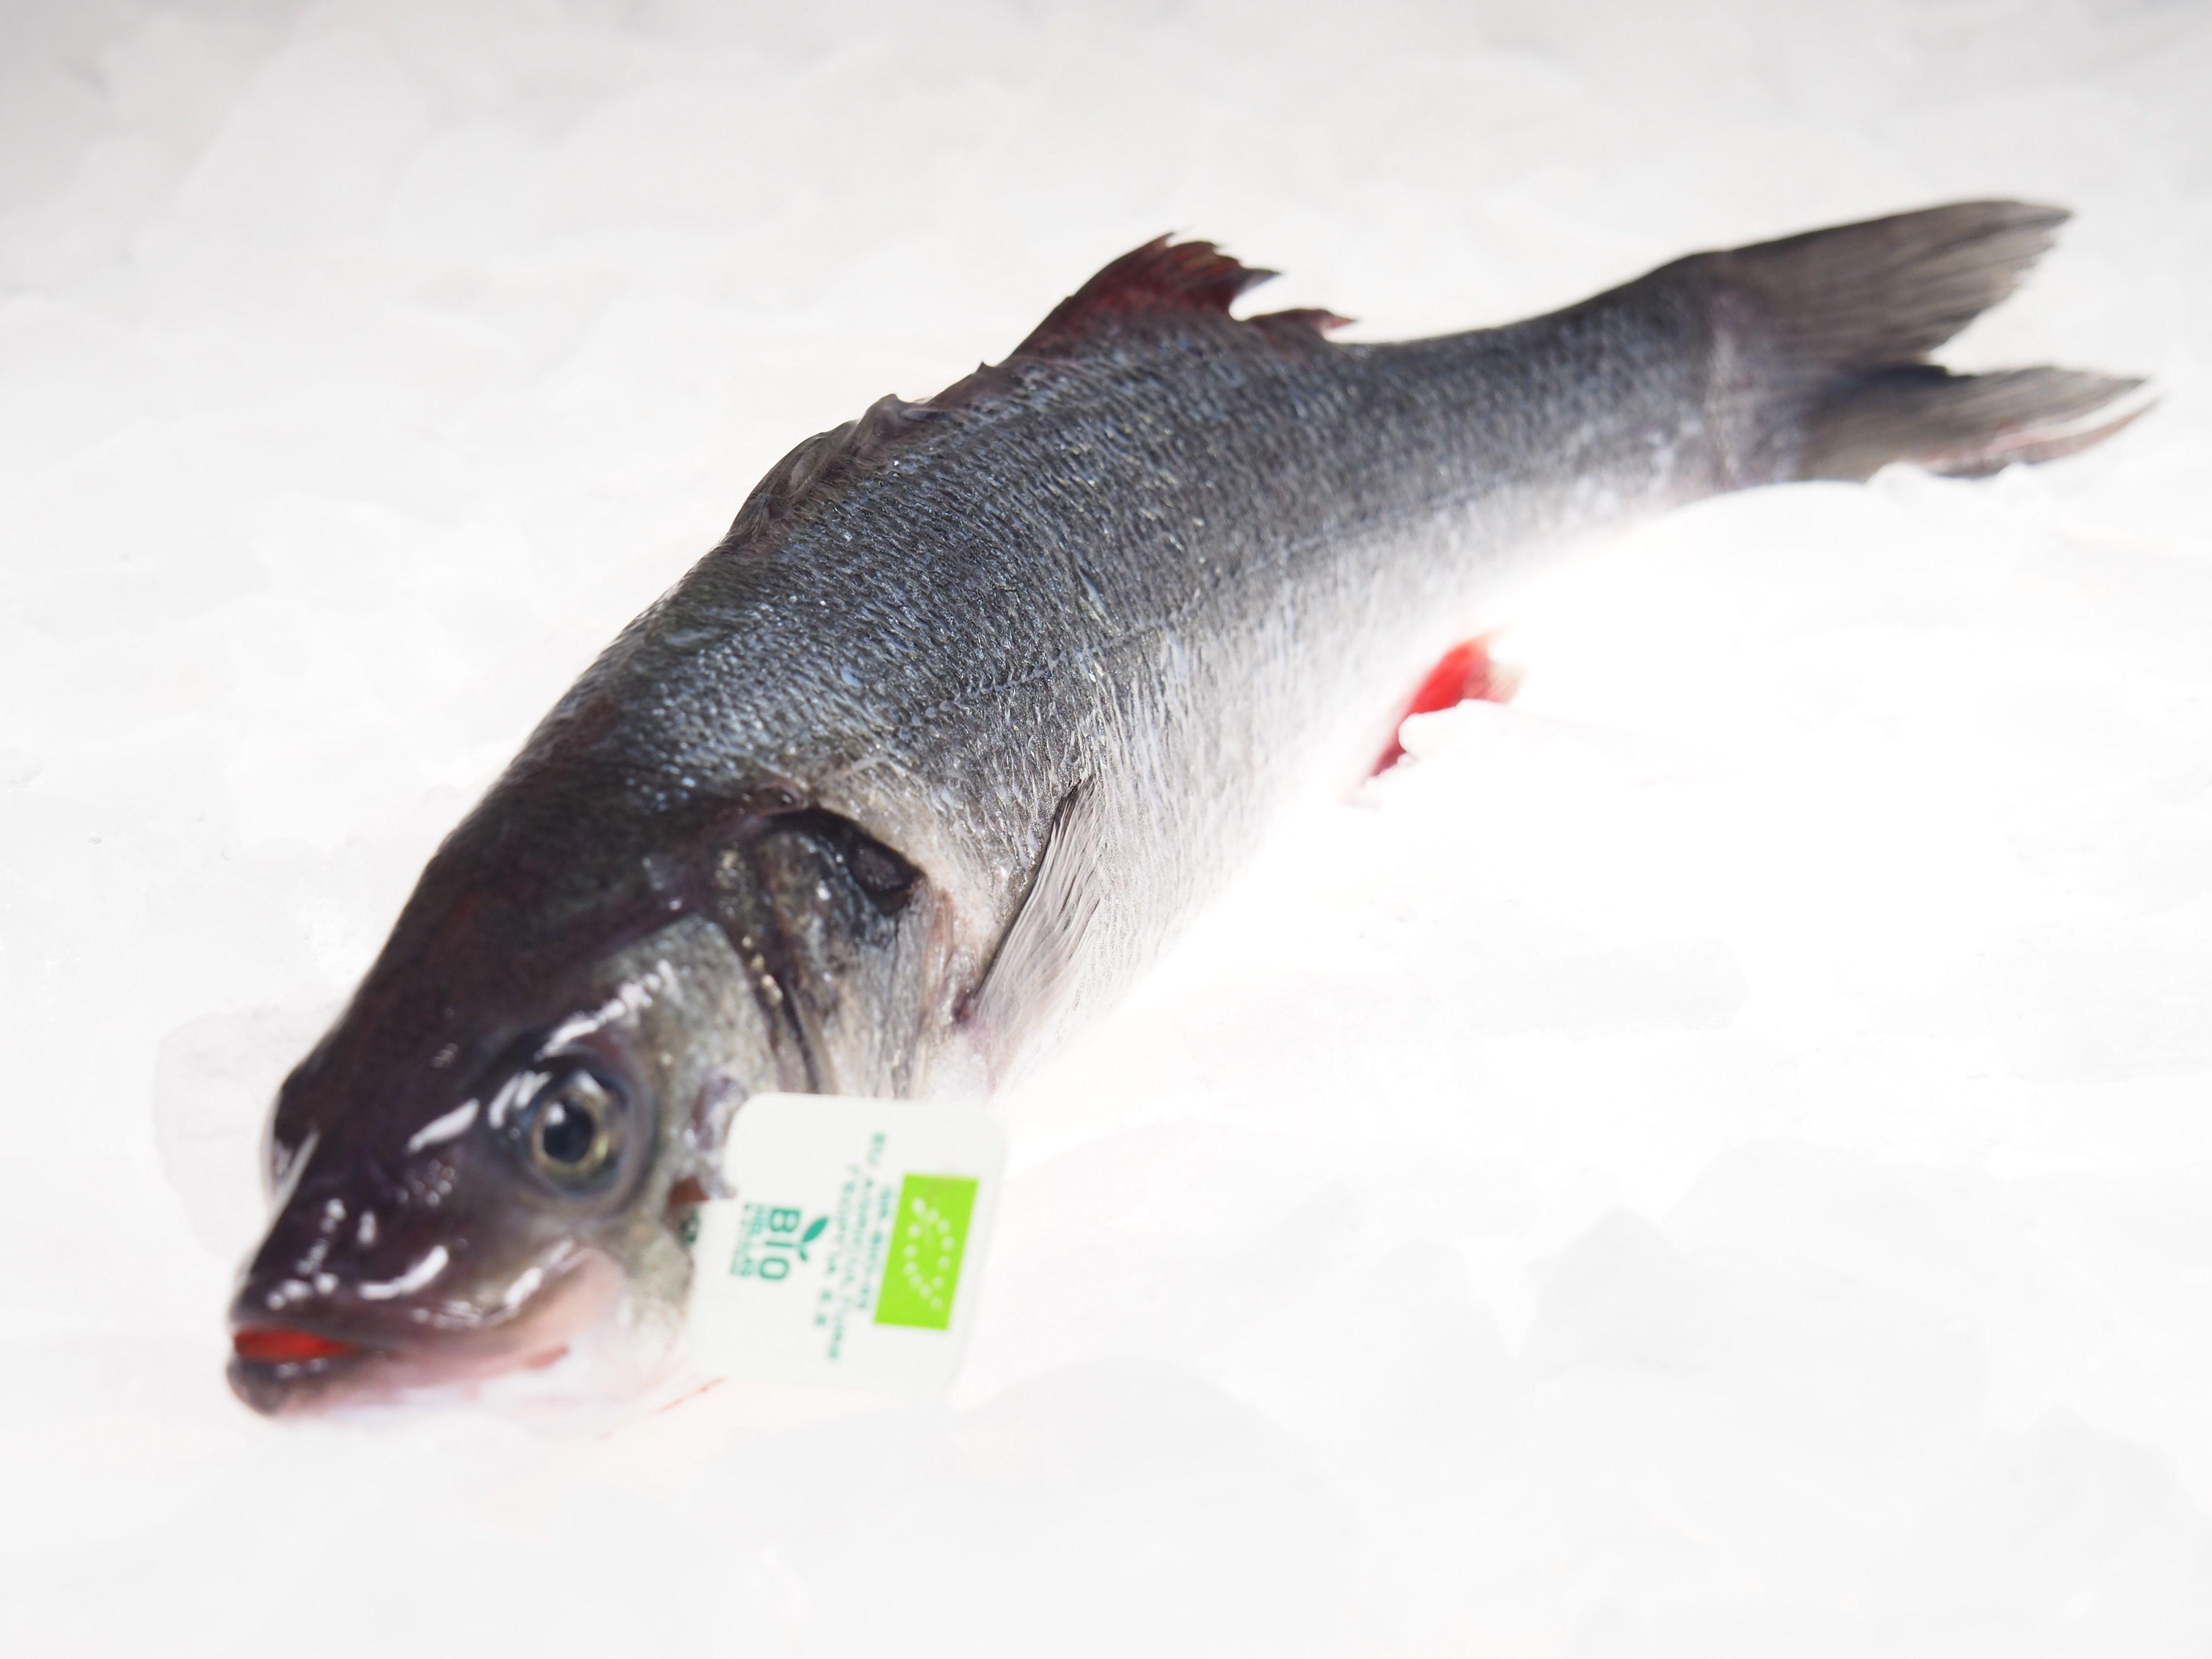 wolfsbarsch bio ganze fische fisch lachskontor frischfisch versand fisch kaufen jetzt. Black Bedroom Furniture Sets. Home Design Ideas